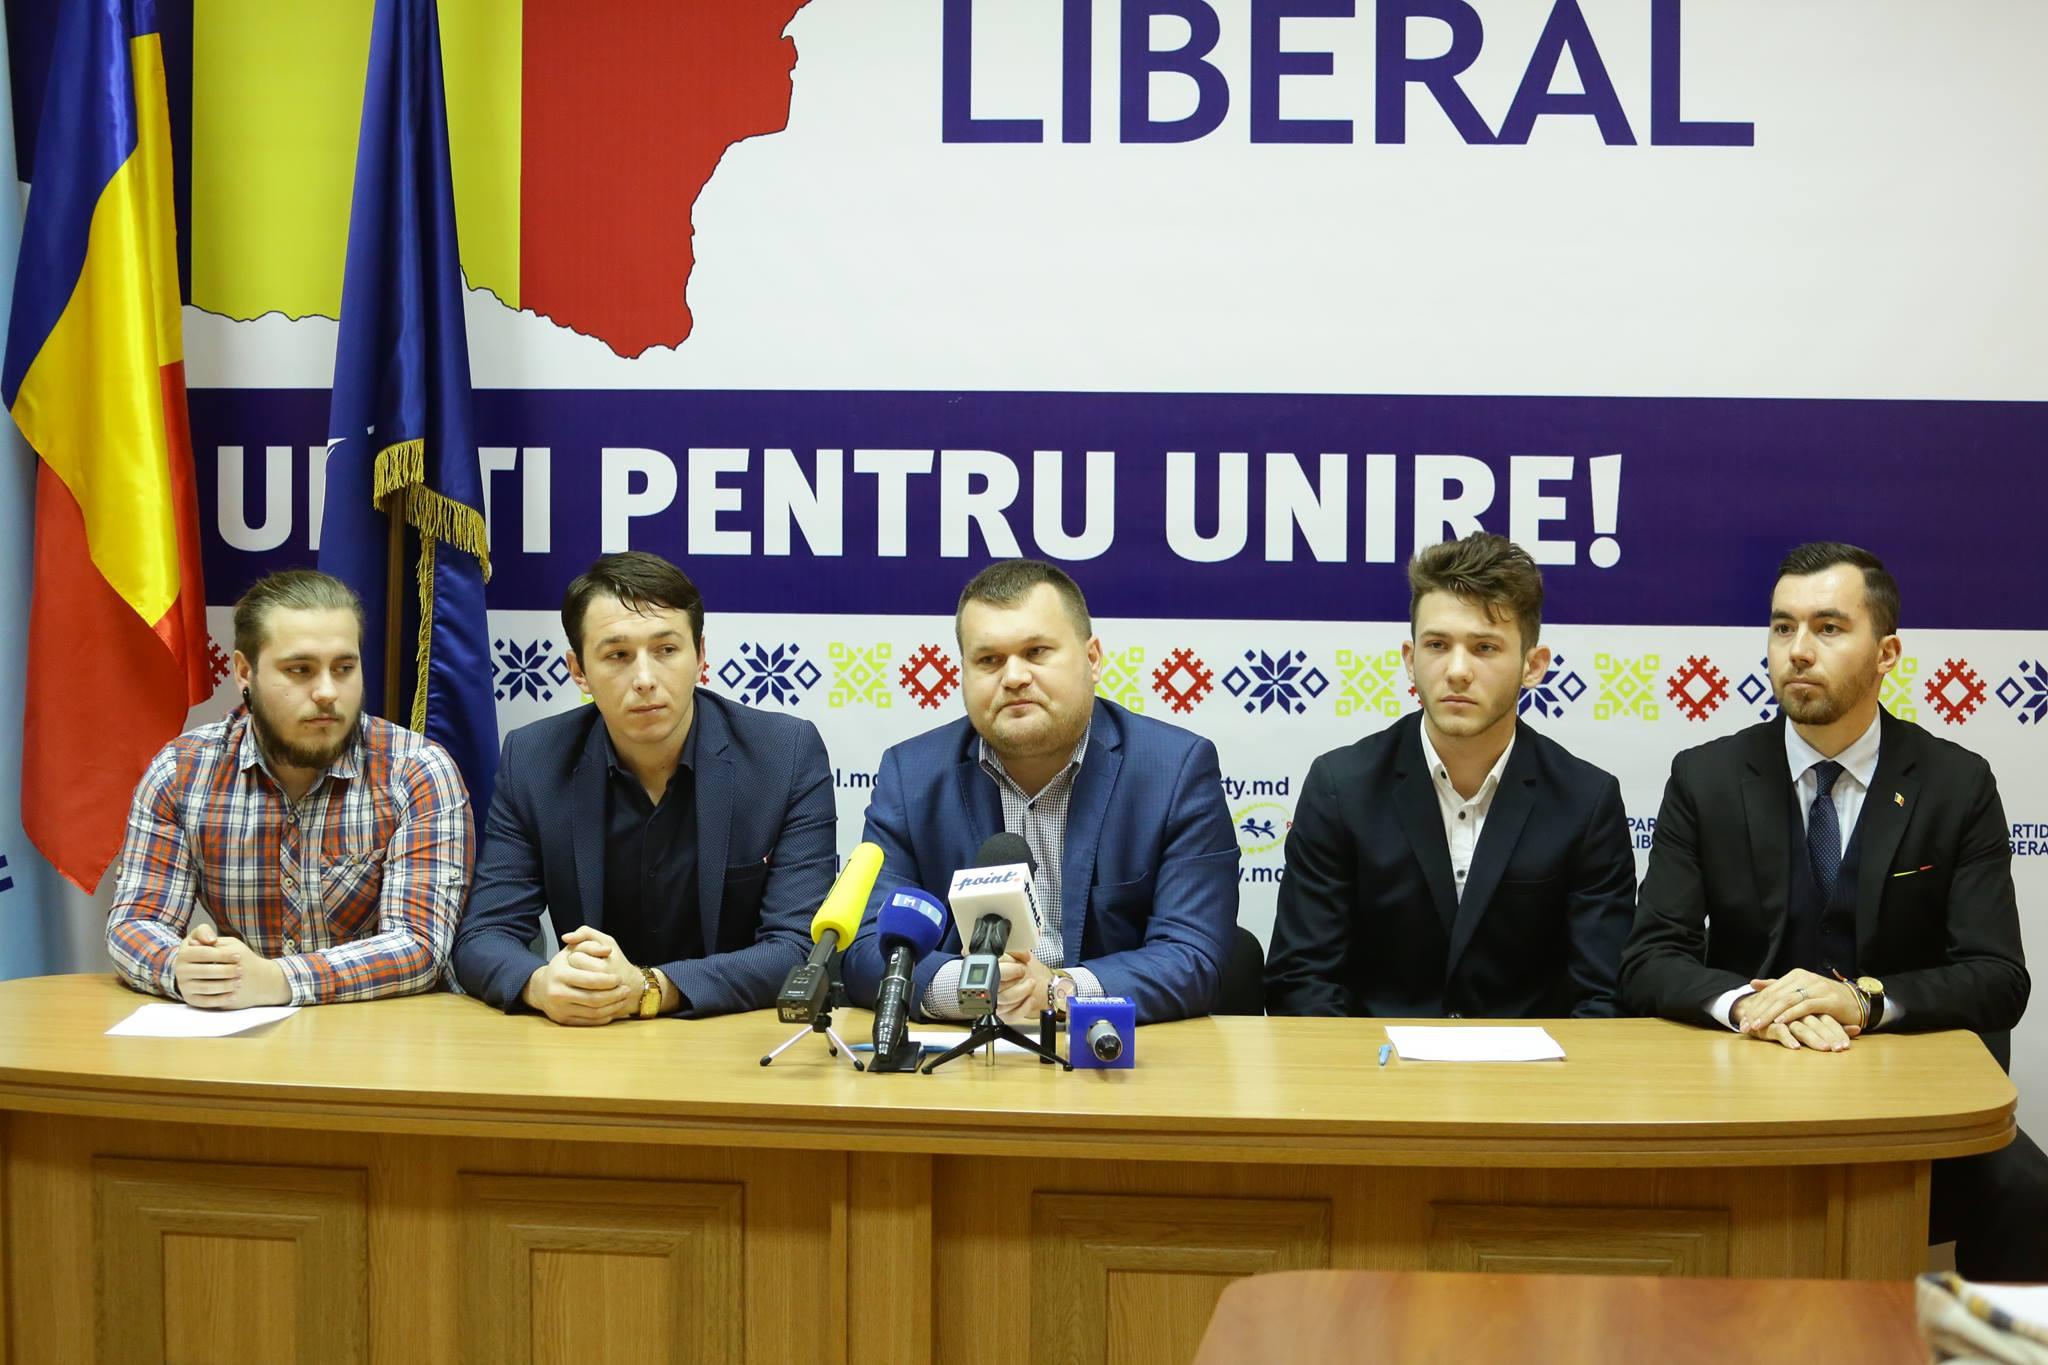 Liberalii: Mesajul nostru este a de a promova Unirea în continuare și de a simți și trăi românește